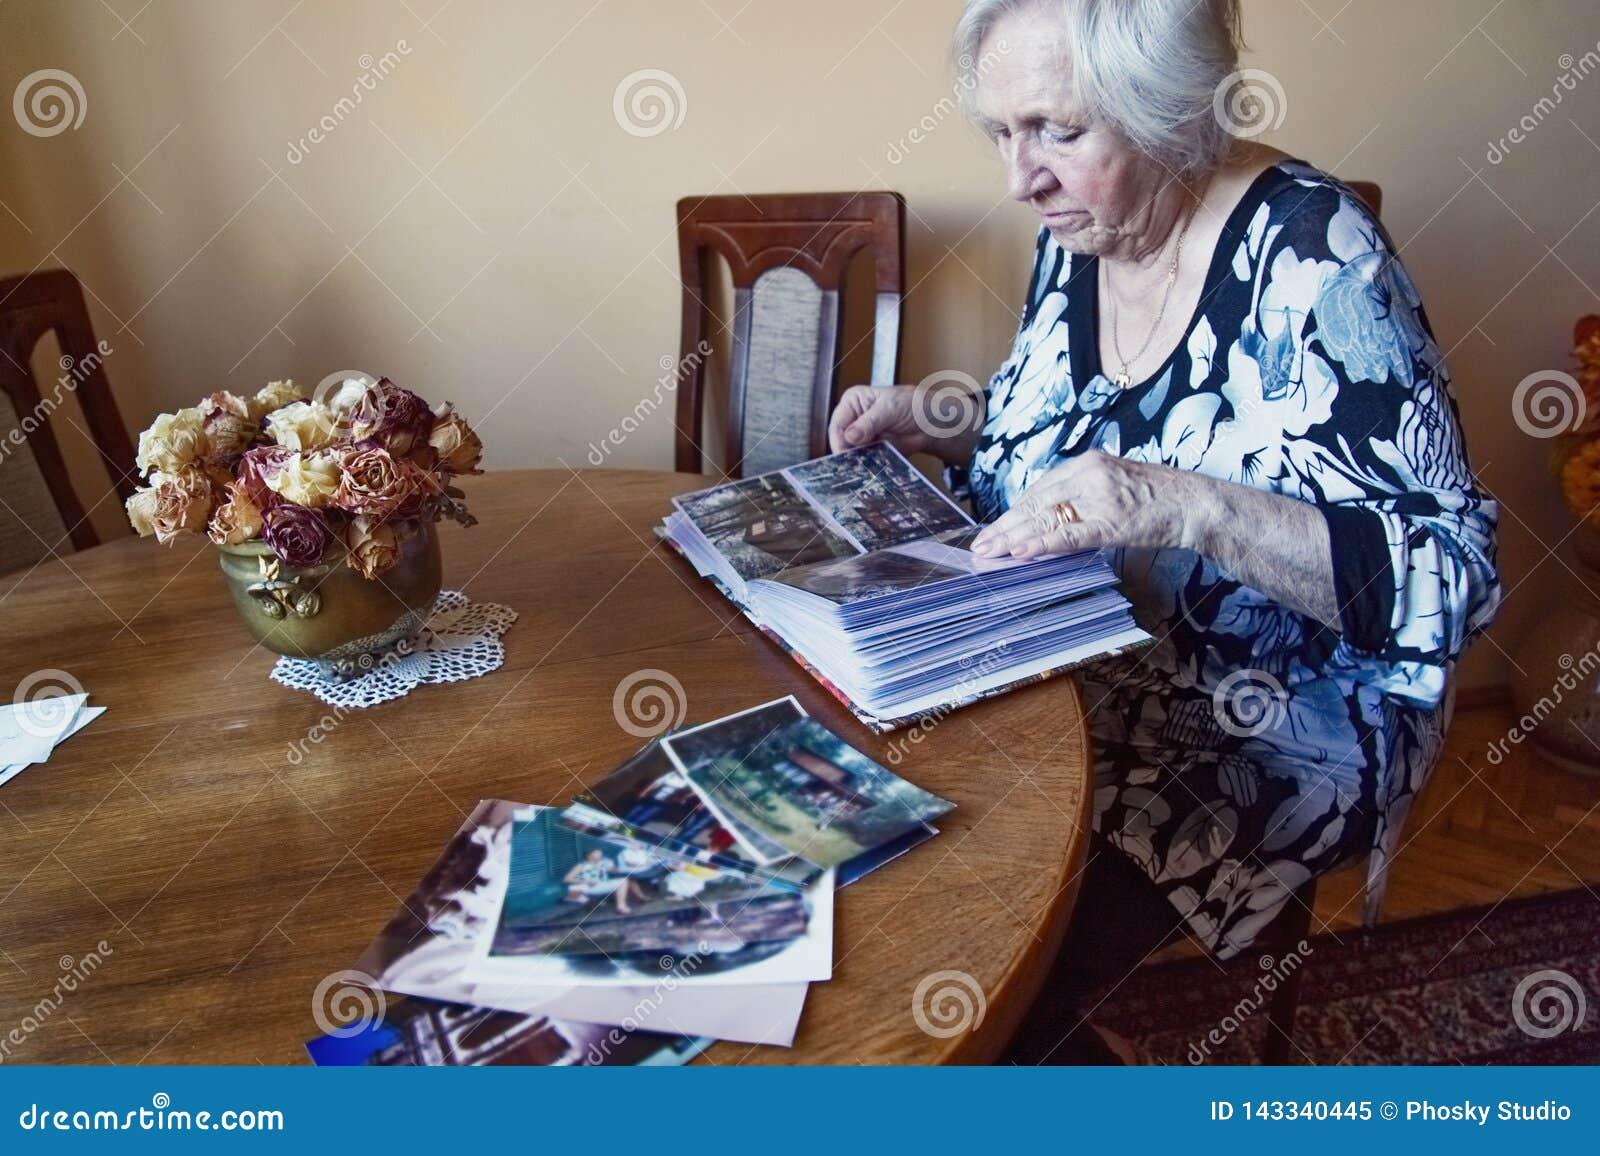 Μια ηλικιωμένη γυναίκα κοιτάζει μέσω ενός λευκώματος φωτογραφιών